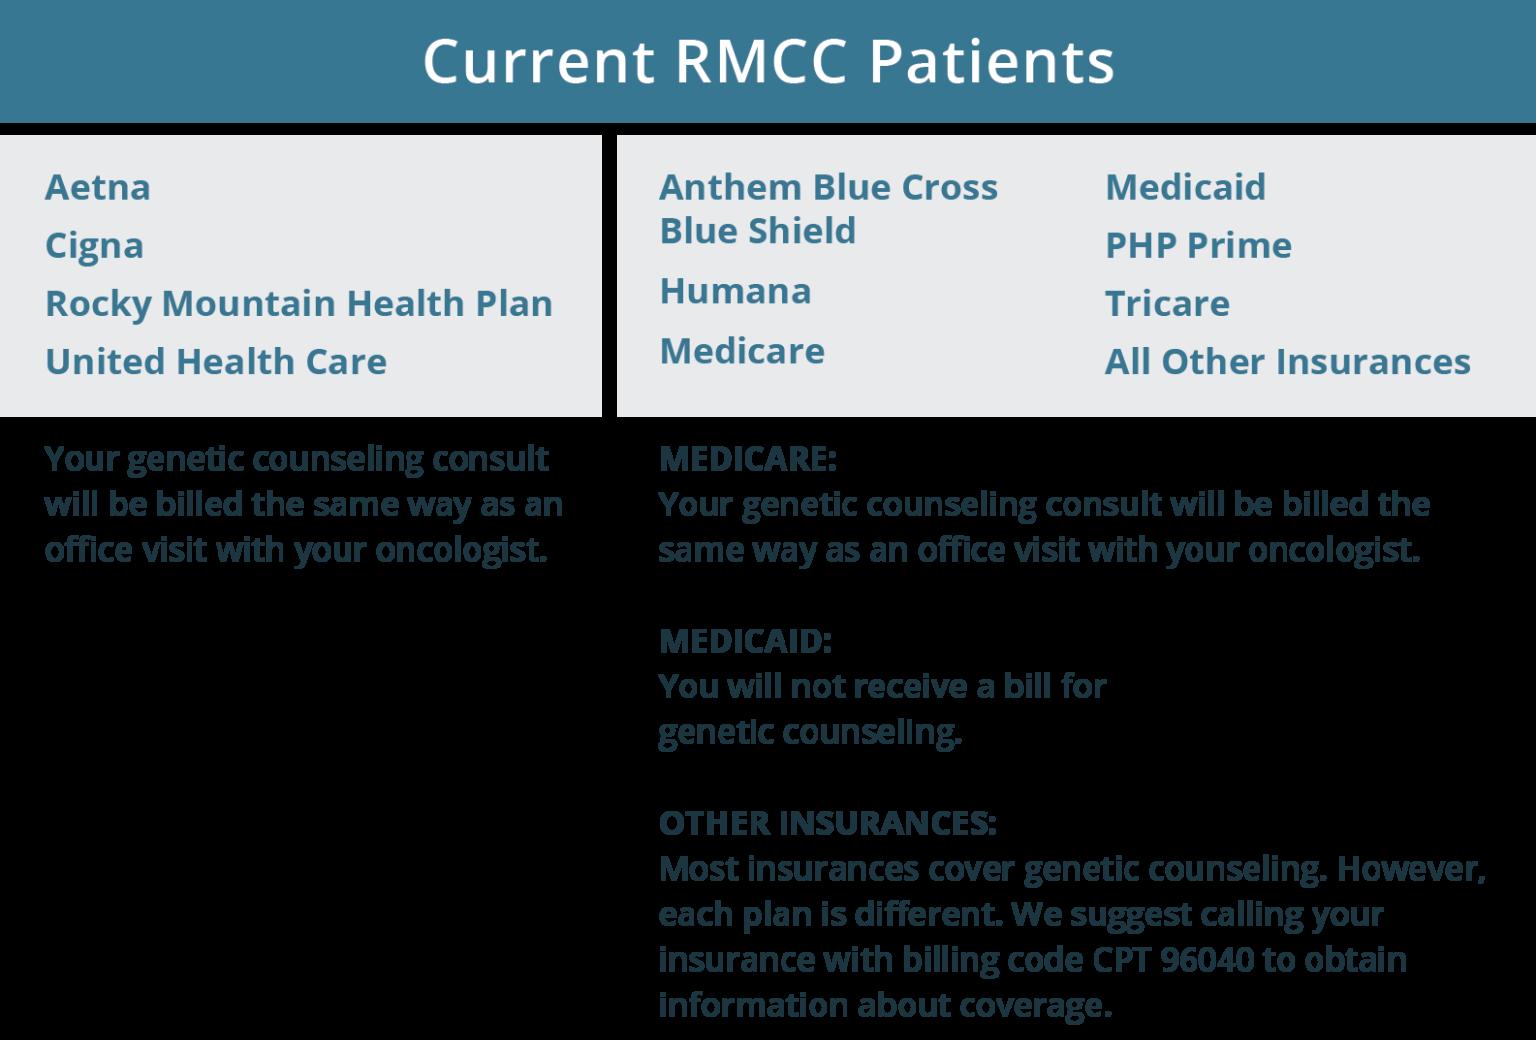 RMCC Patients